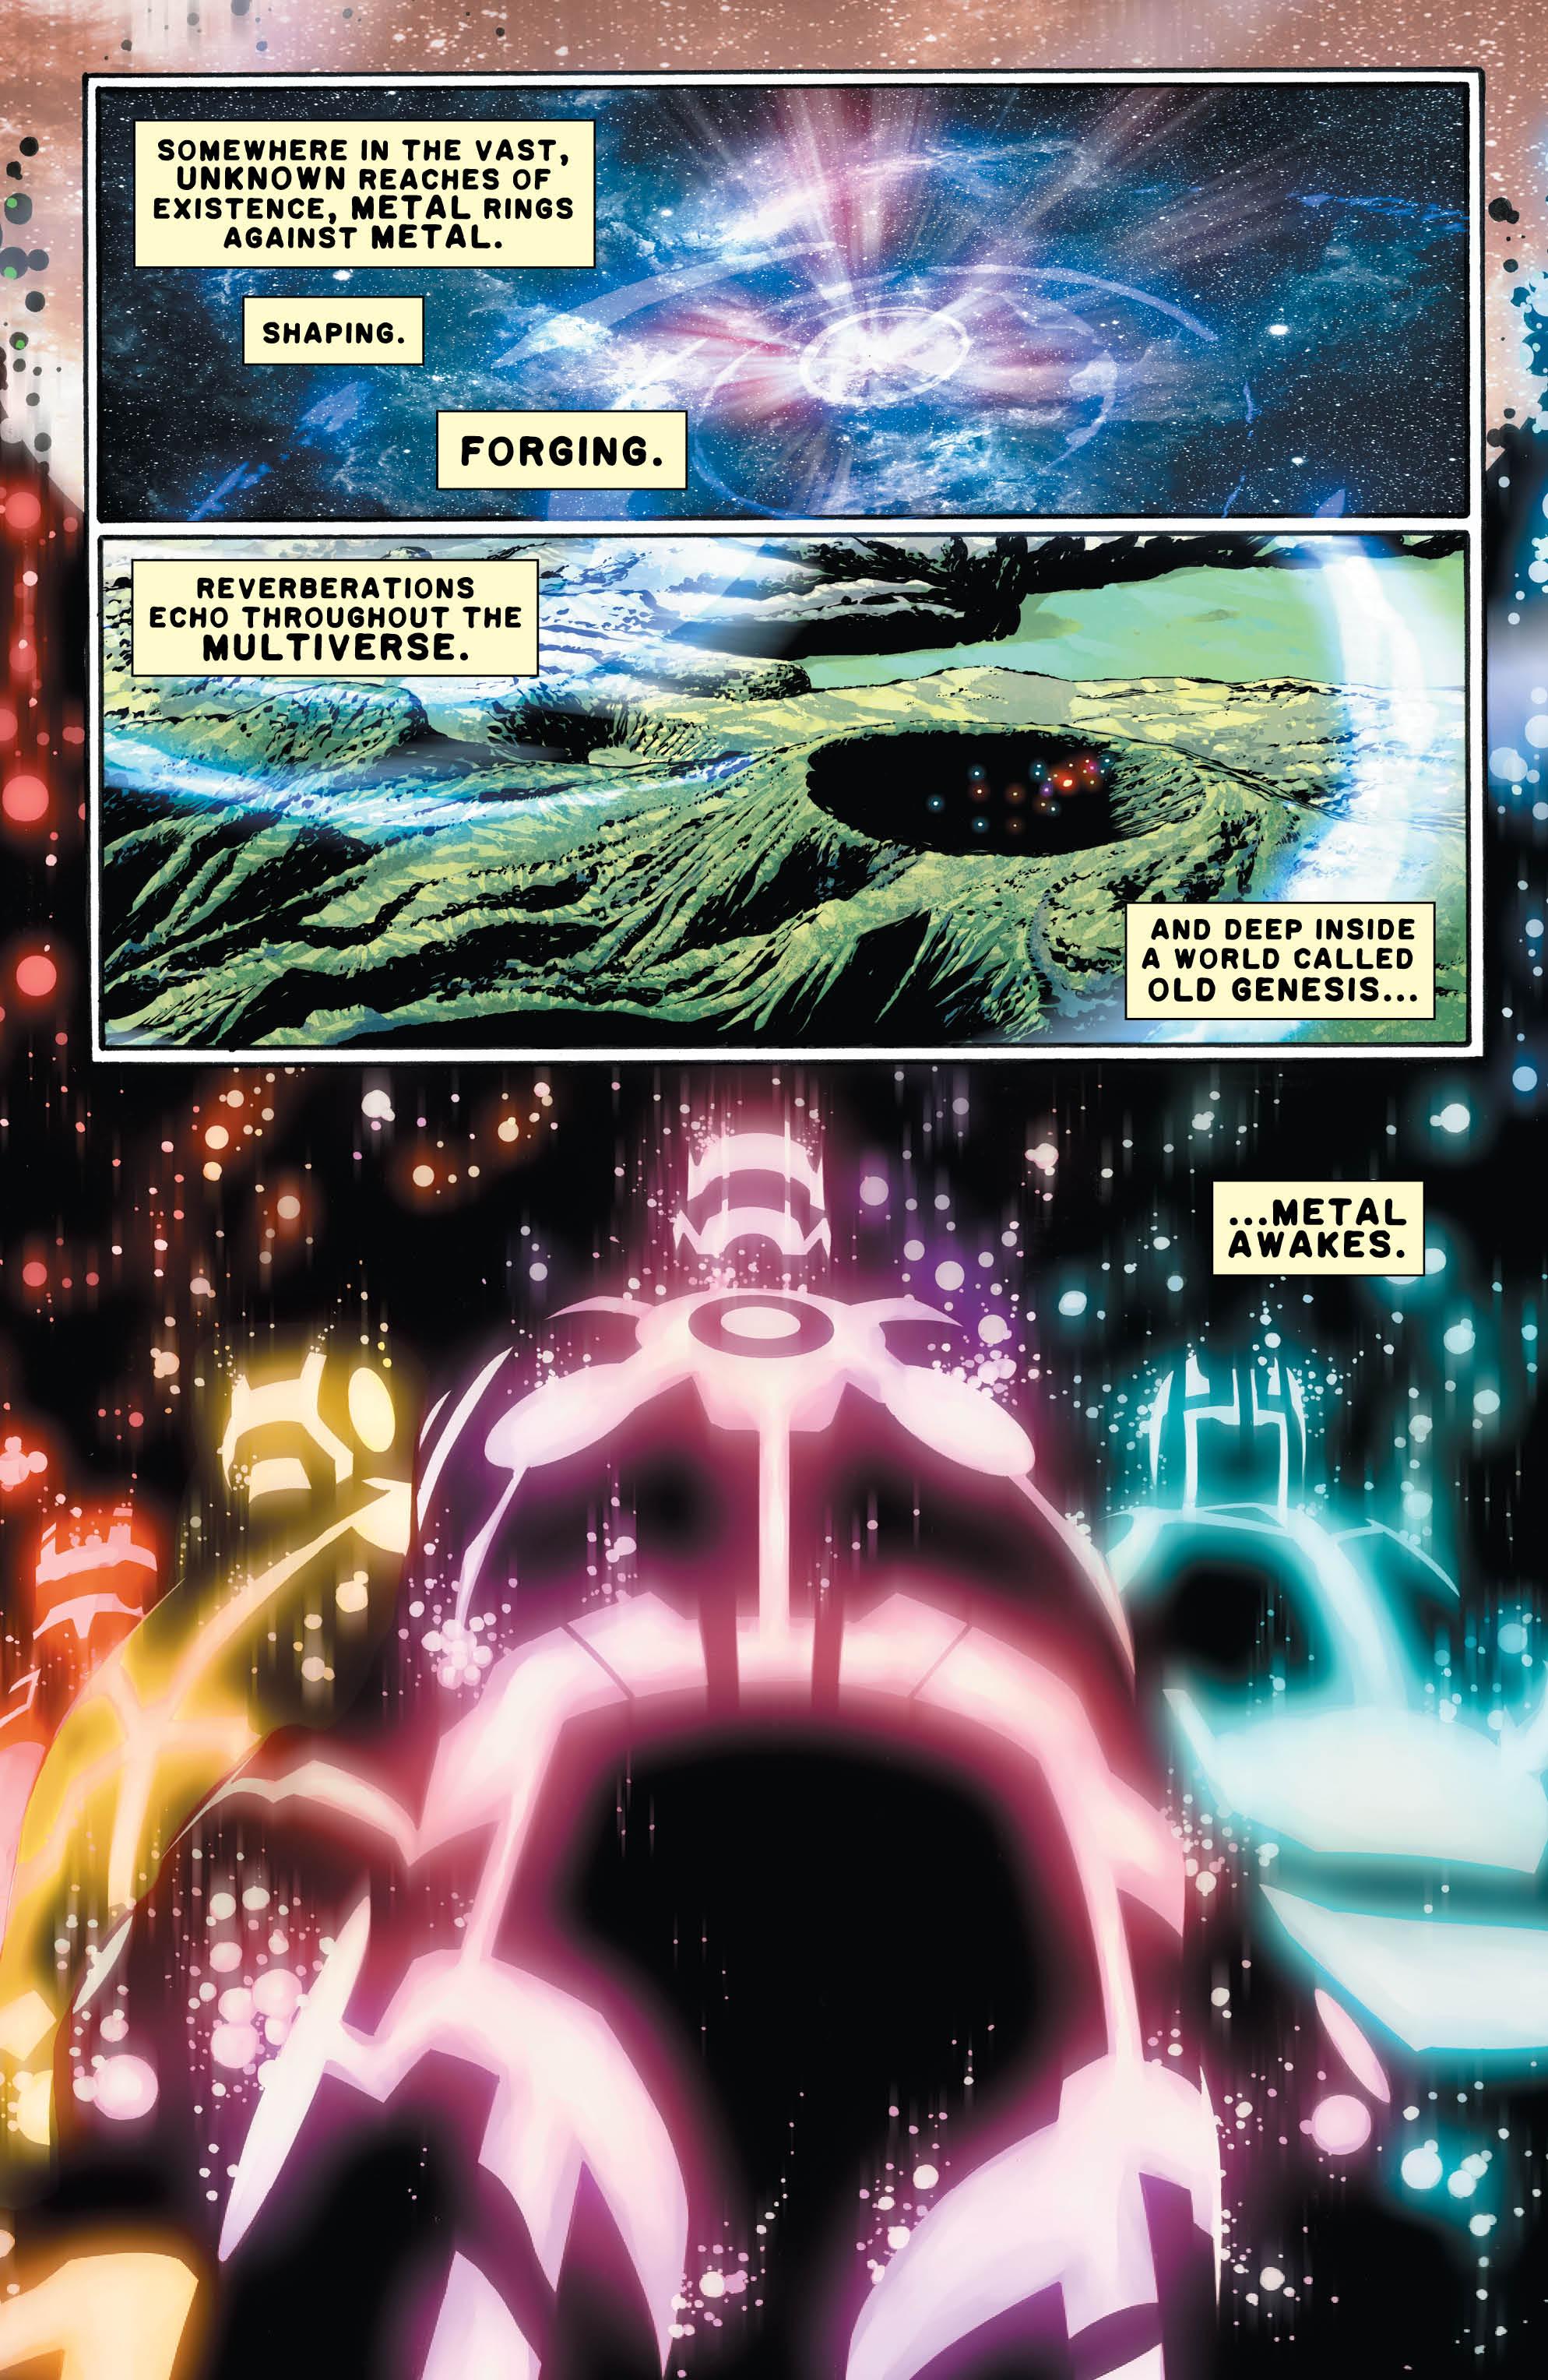 Hal GL Corps - 1 - DC Comics News